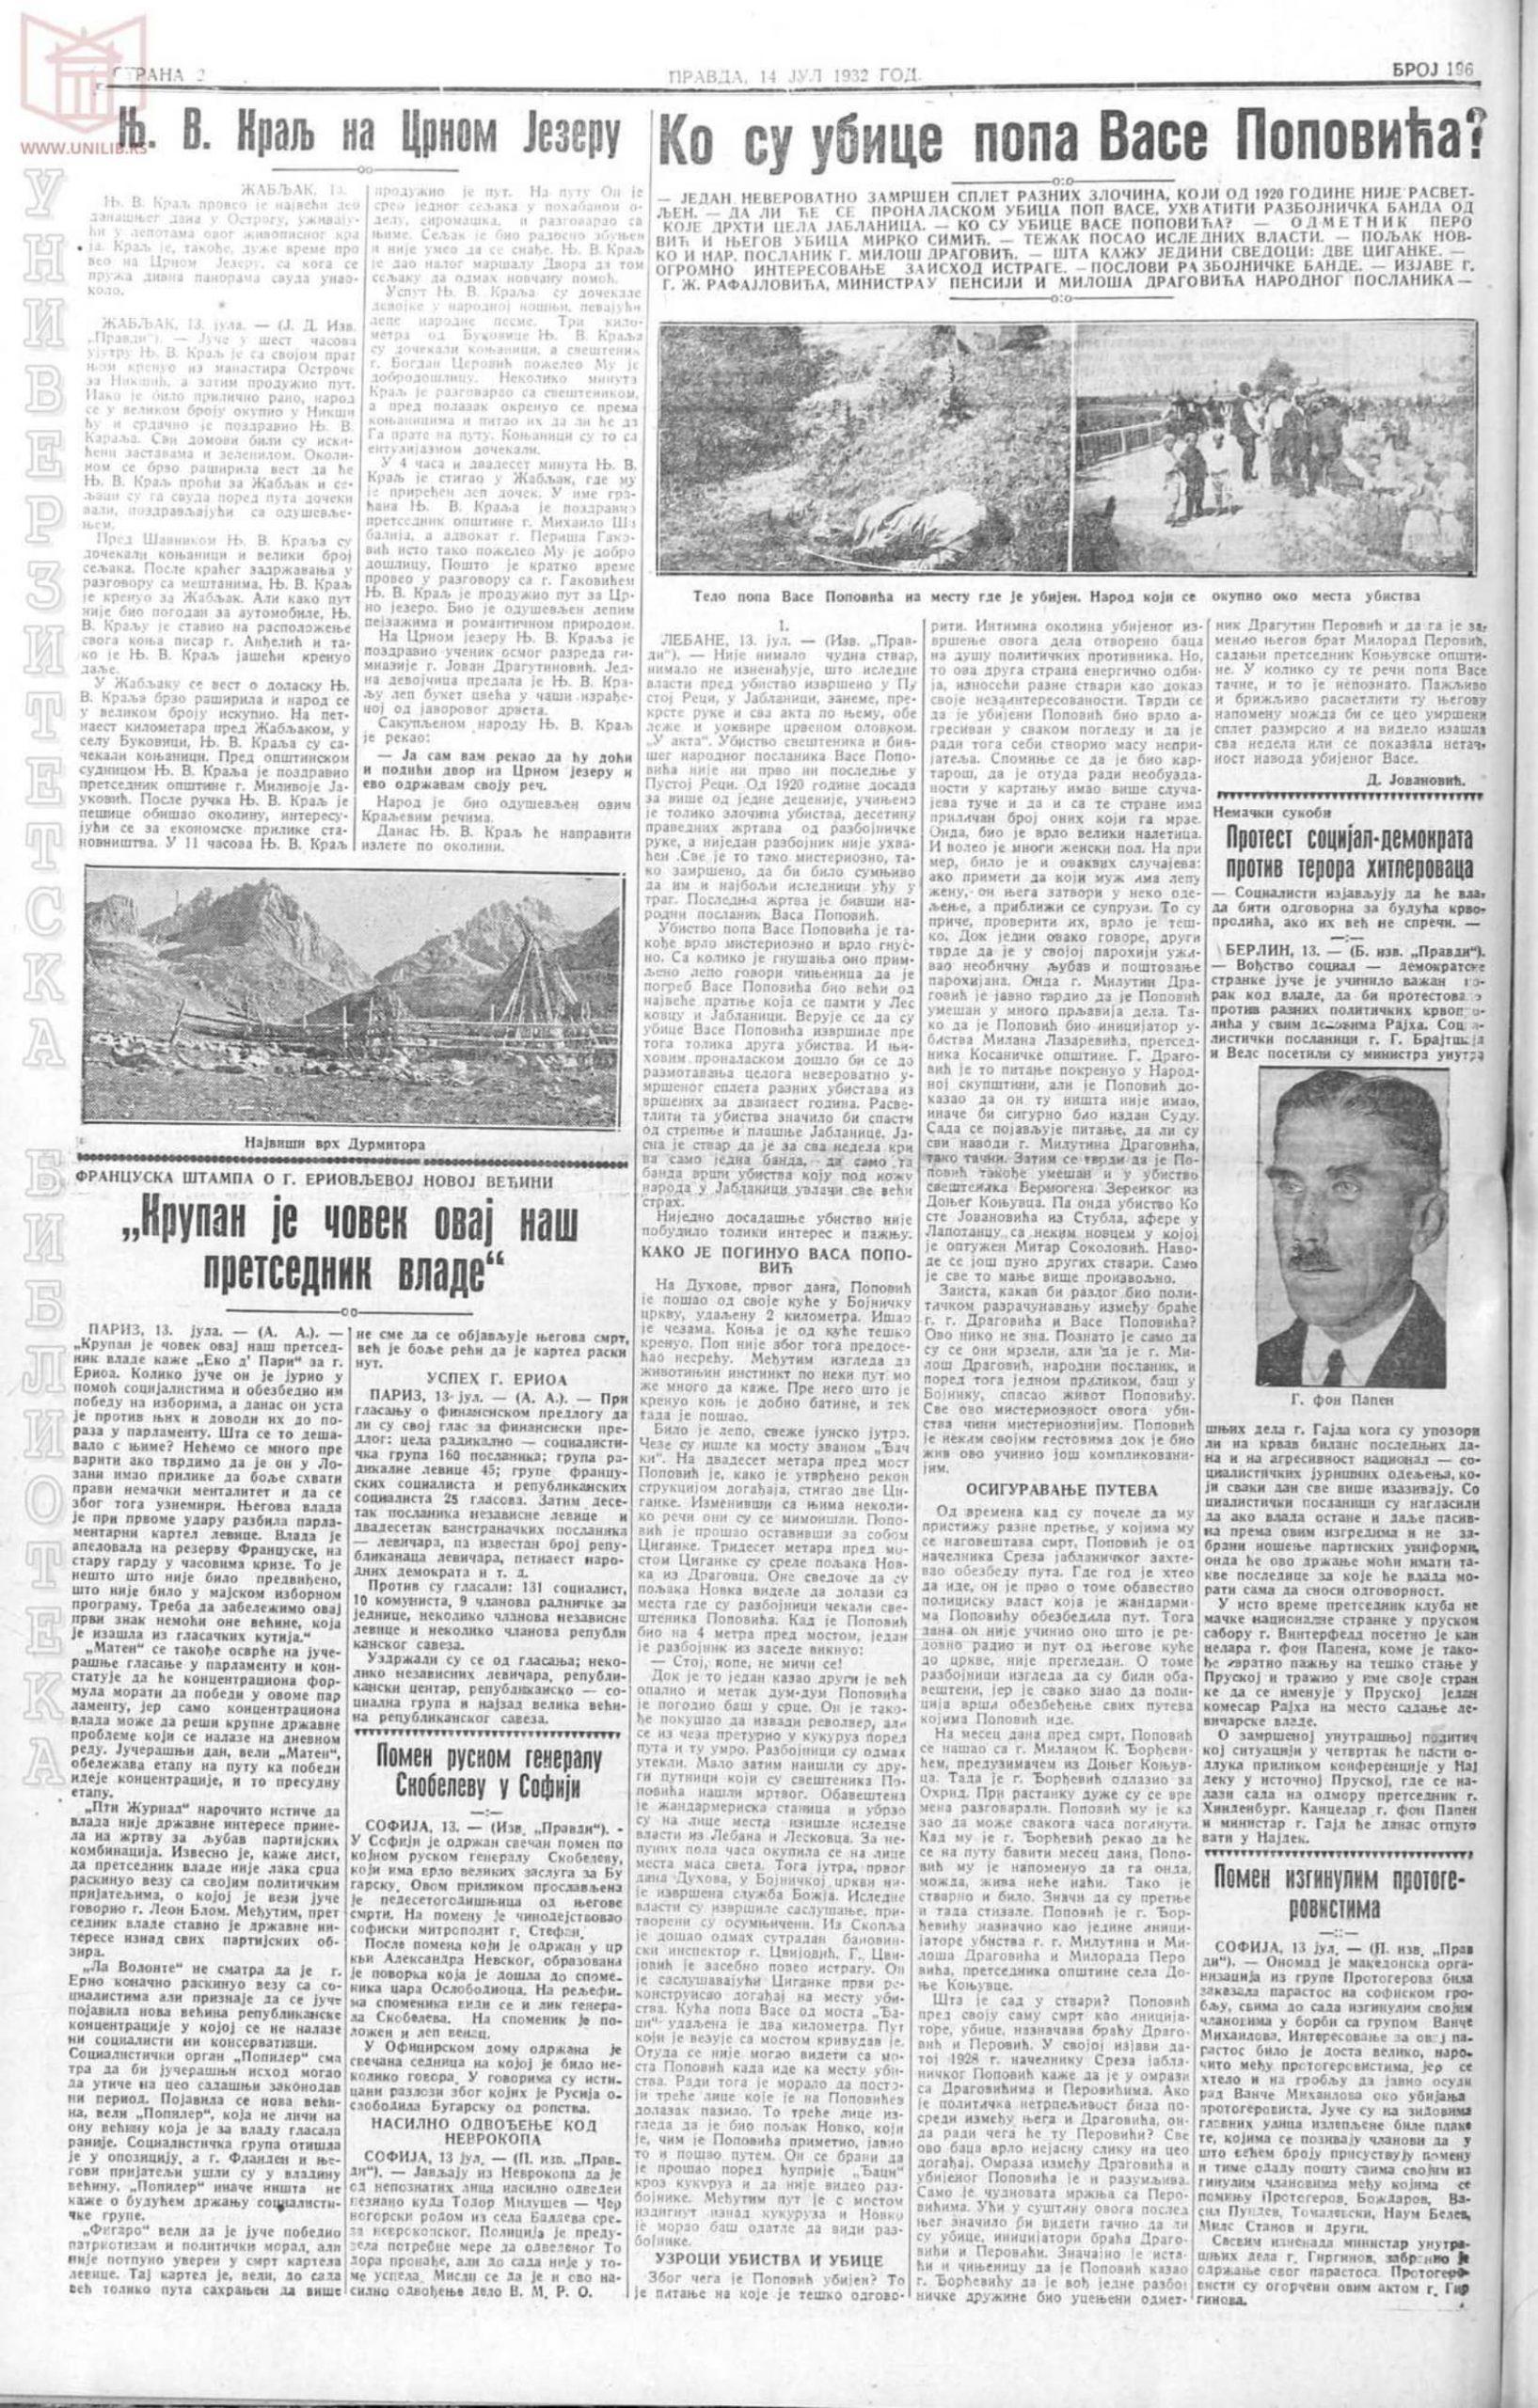 Pravda 14.07.1932 p2-1